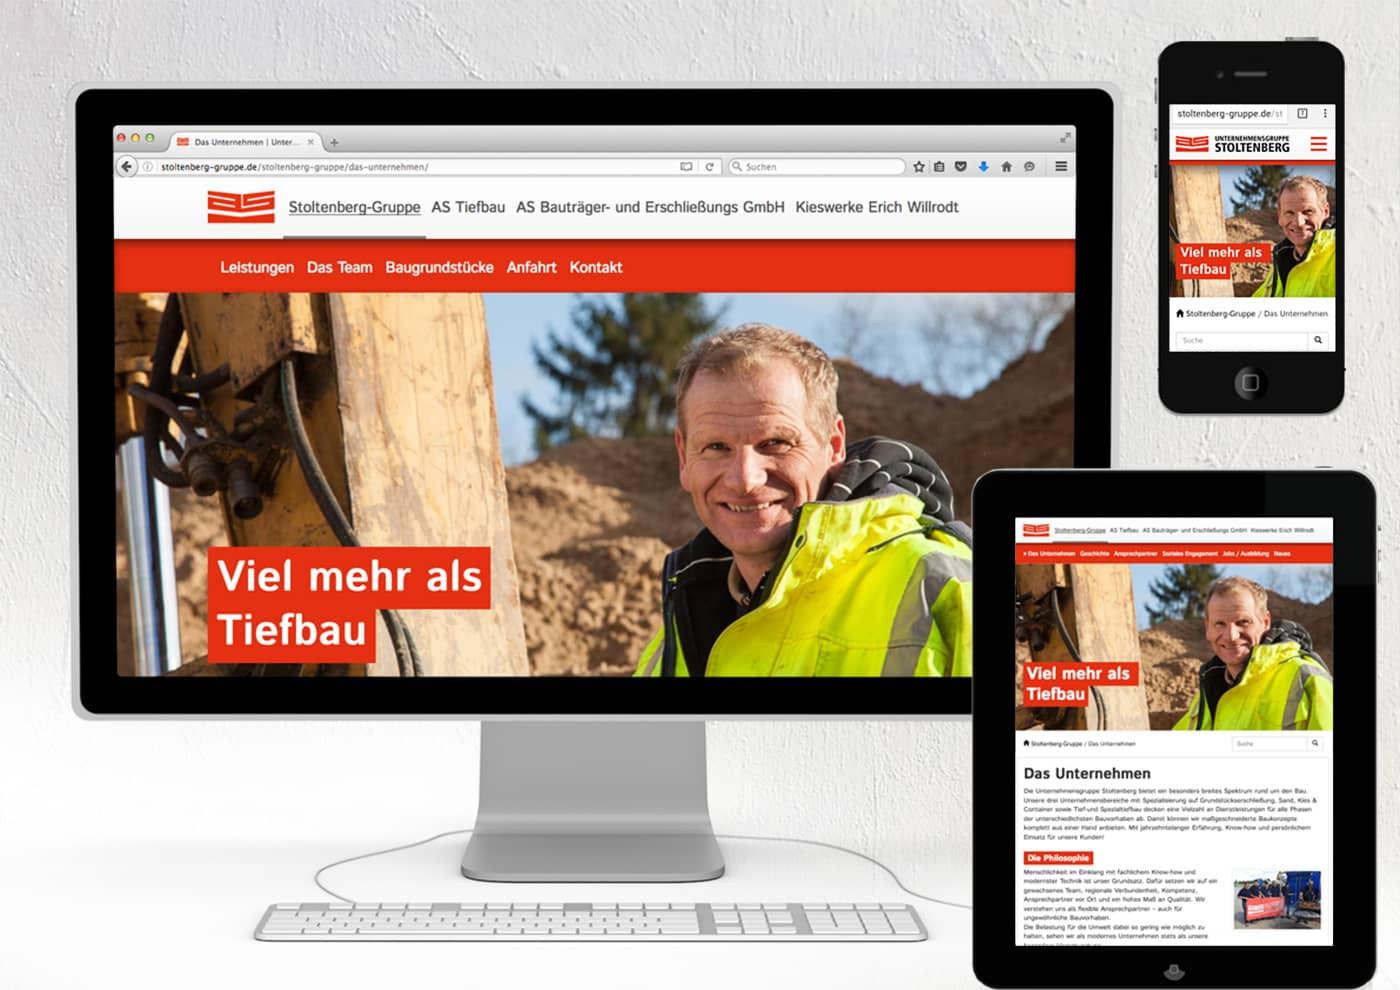 Event-, Print- und Online-Konzeption für die Unternehmensgruppe Stoltenberg: Internet